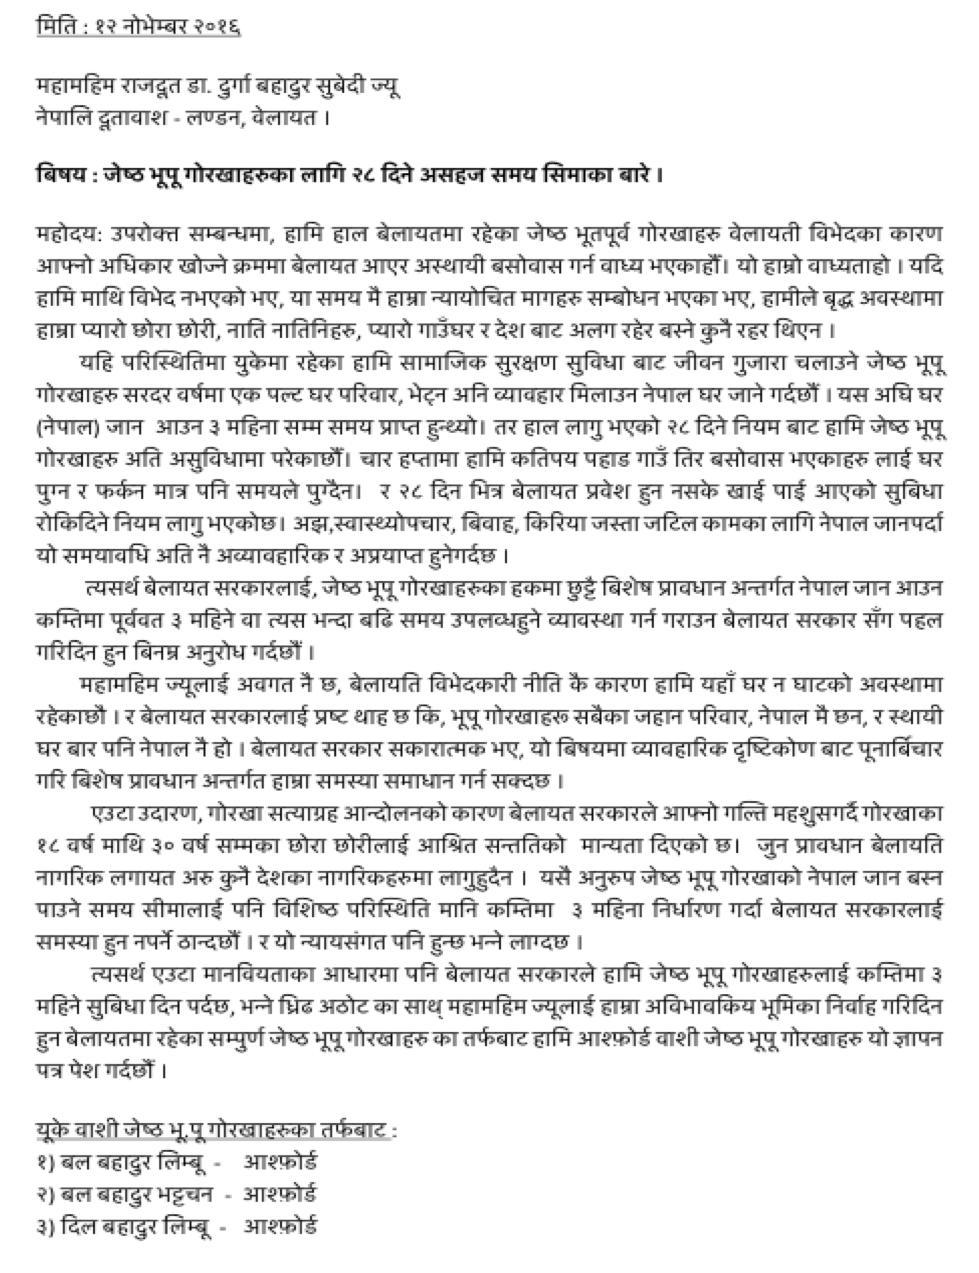 बेलायतका नेपाली राजदूतलाई जेष्ठ भूपू गोरखाहरुको सामूहिक ज्ञापन पत्र